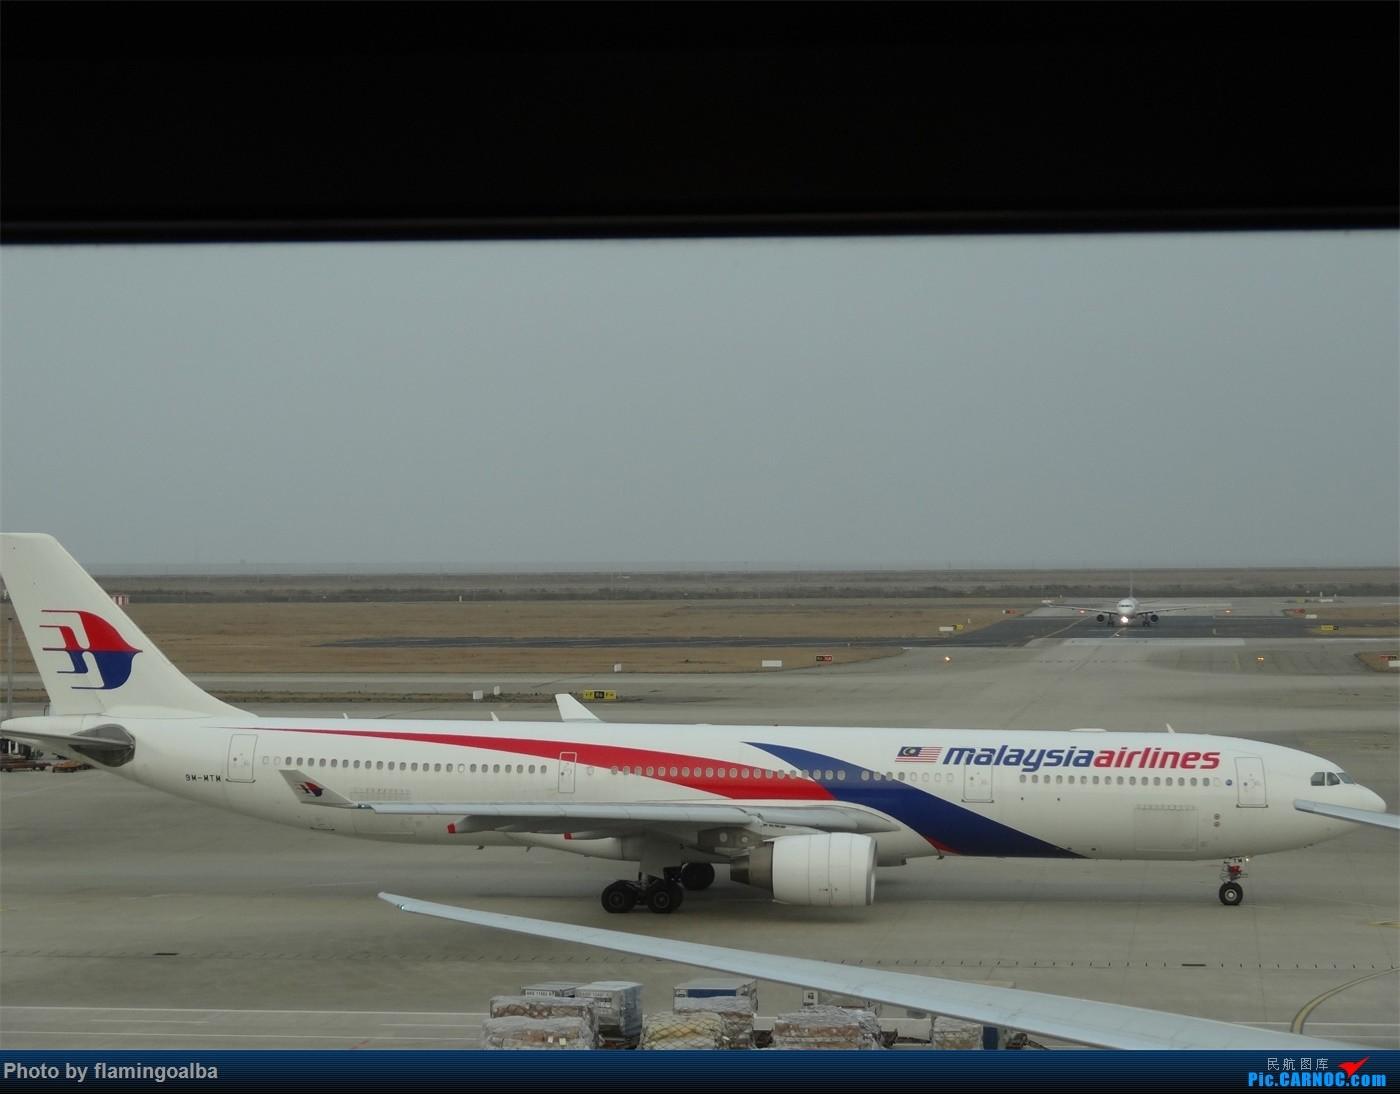 [原创]浦东-达拉斯-纽瓦克-华盛顿里根-拉斯维加斯-洛杉矶-达拉斯-浦东 A330-300 9M-MTM 中国上海浦东国际机场